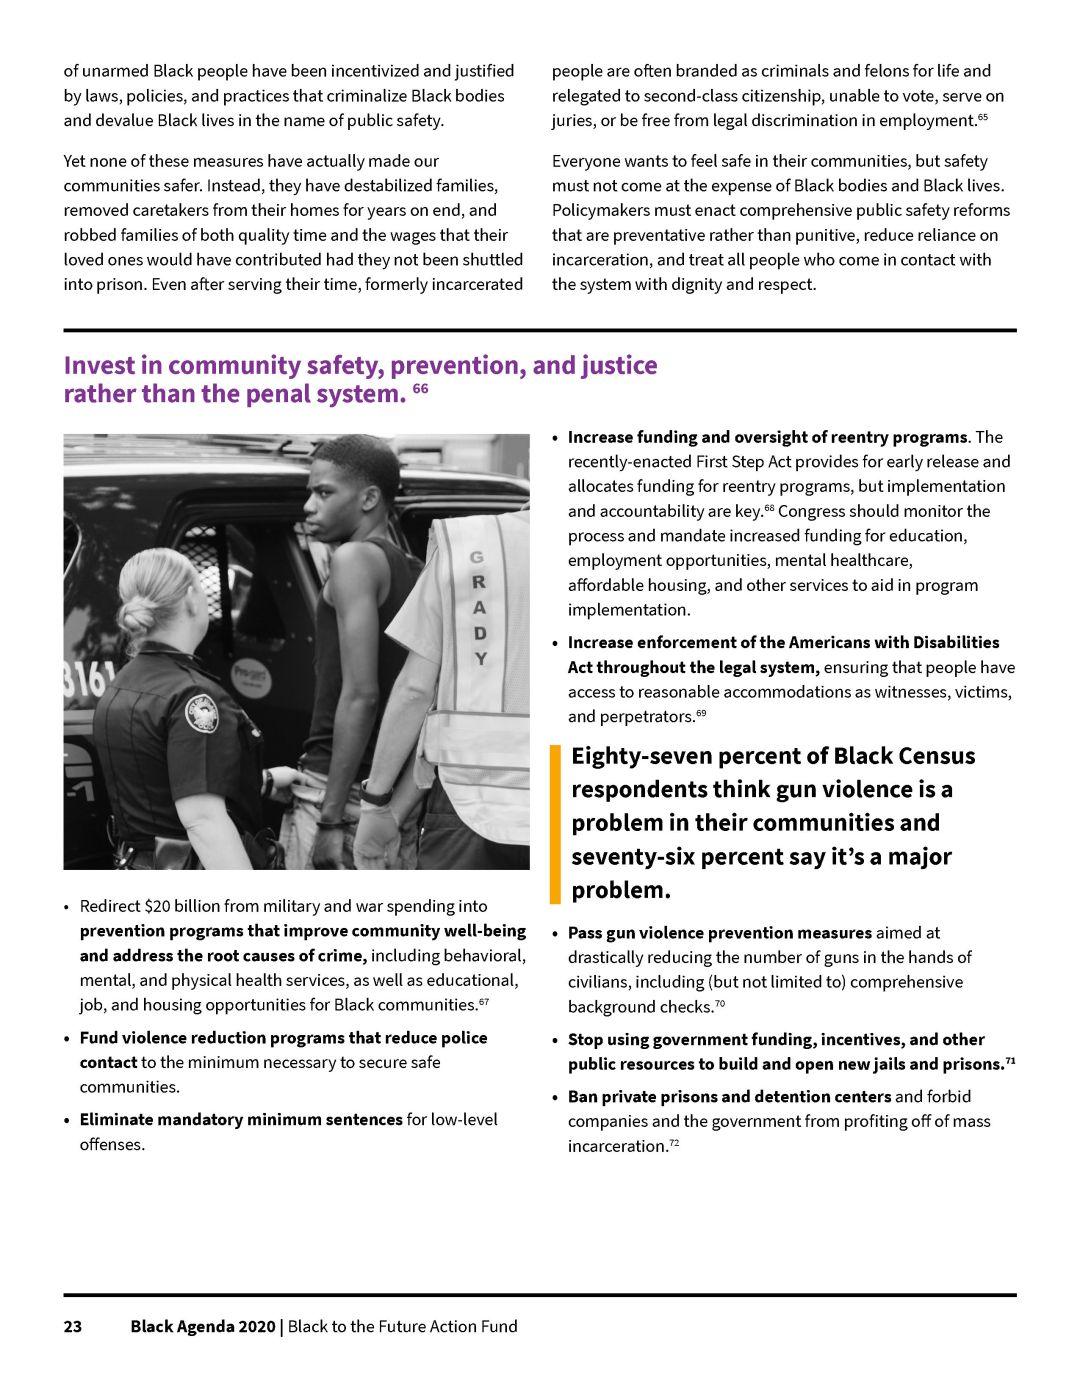 BlackAgenda2020_Page_23